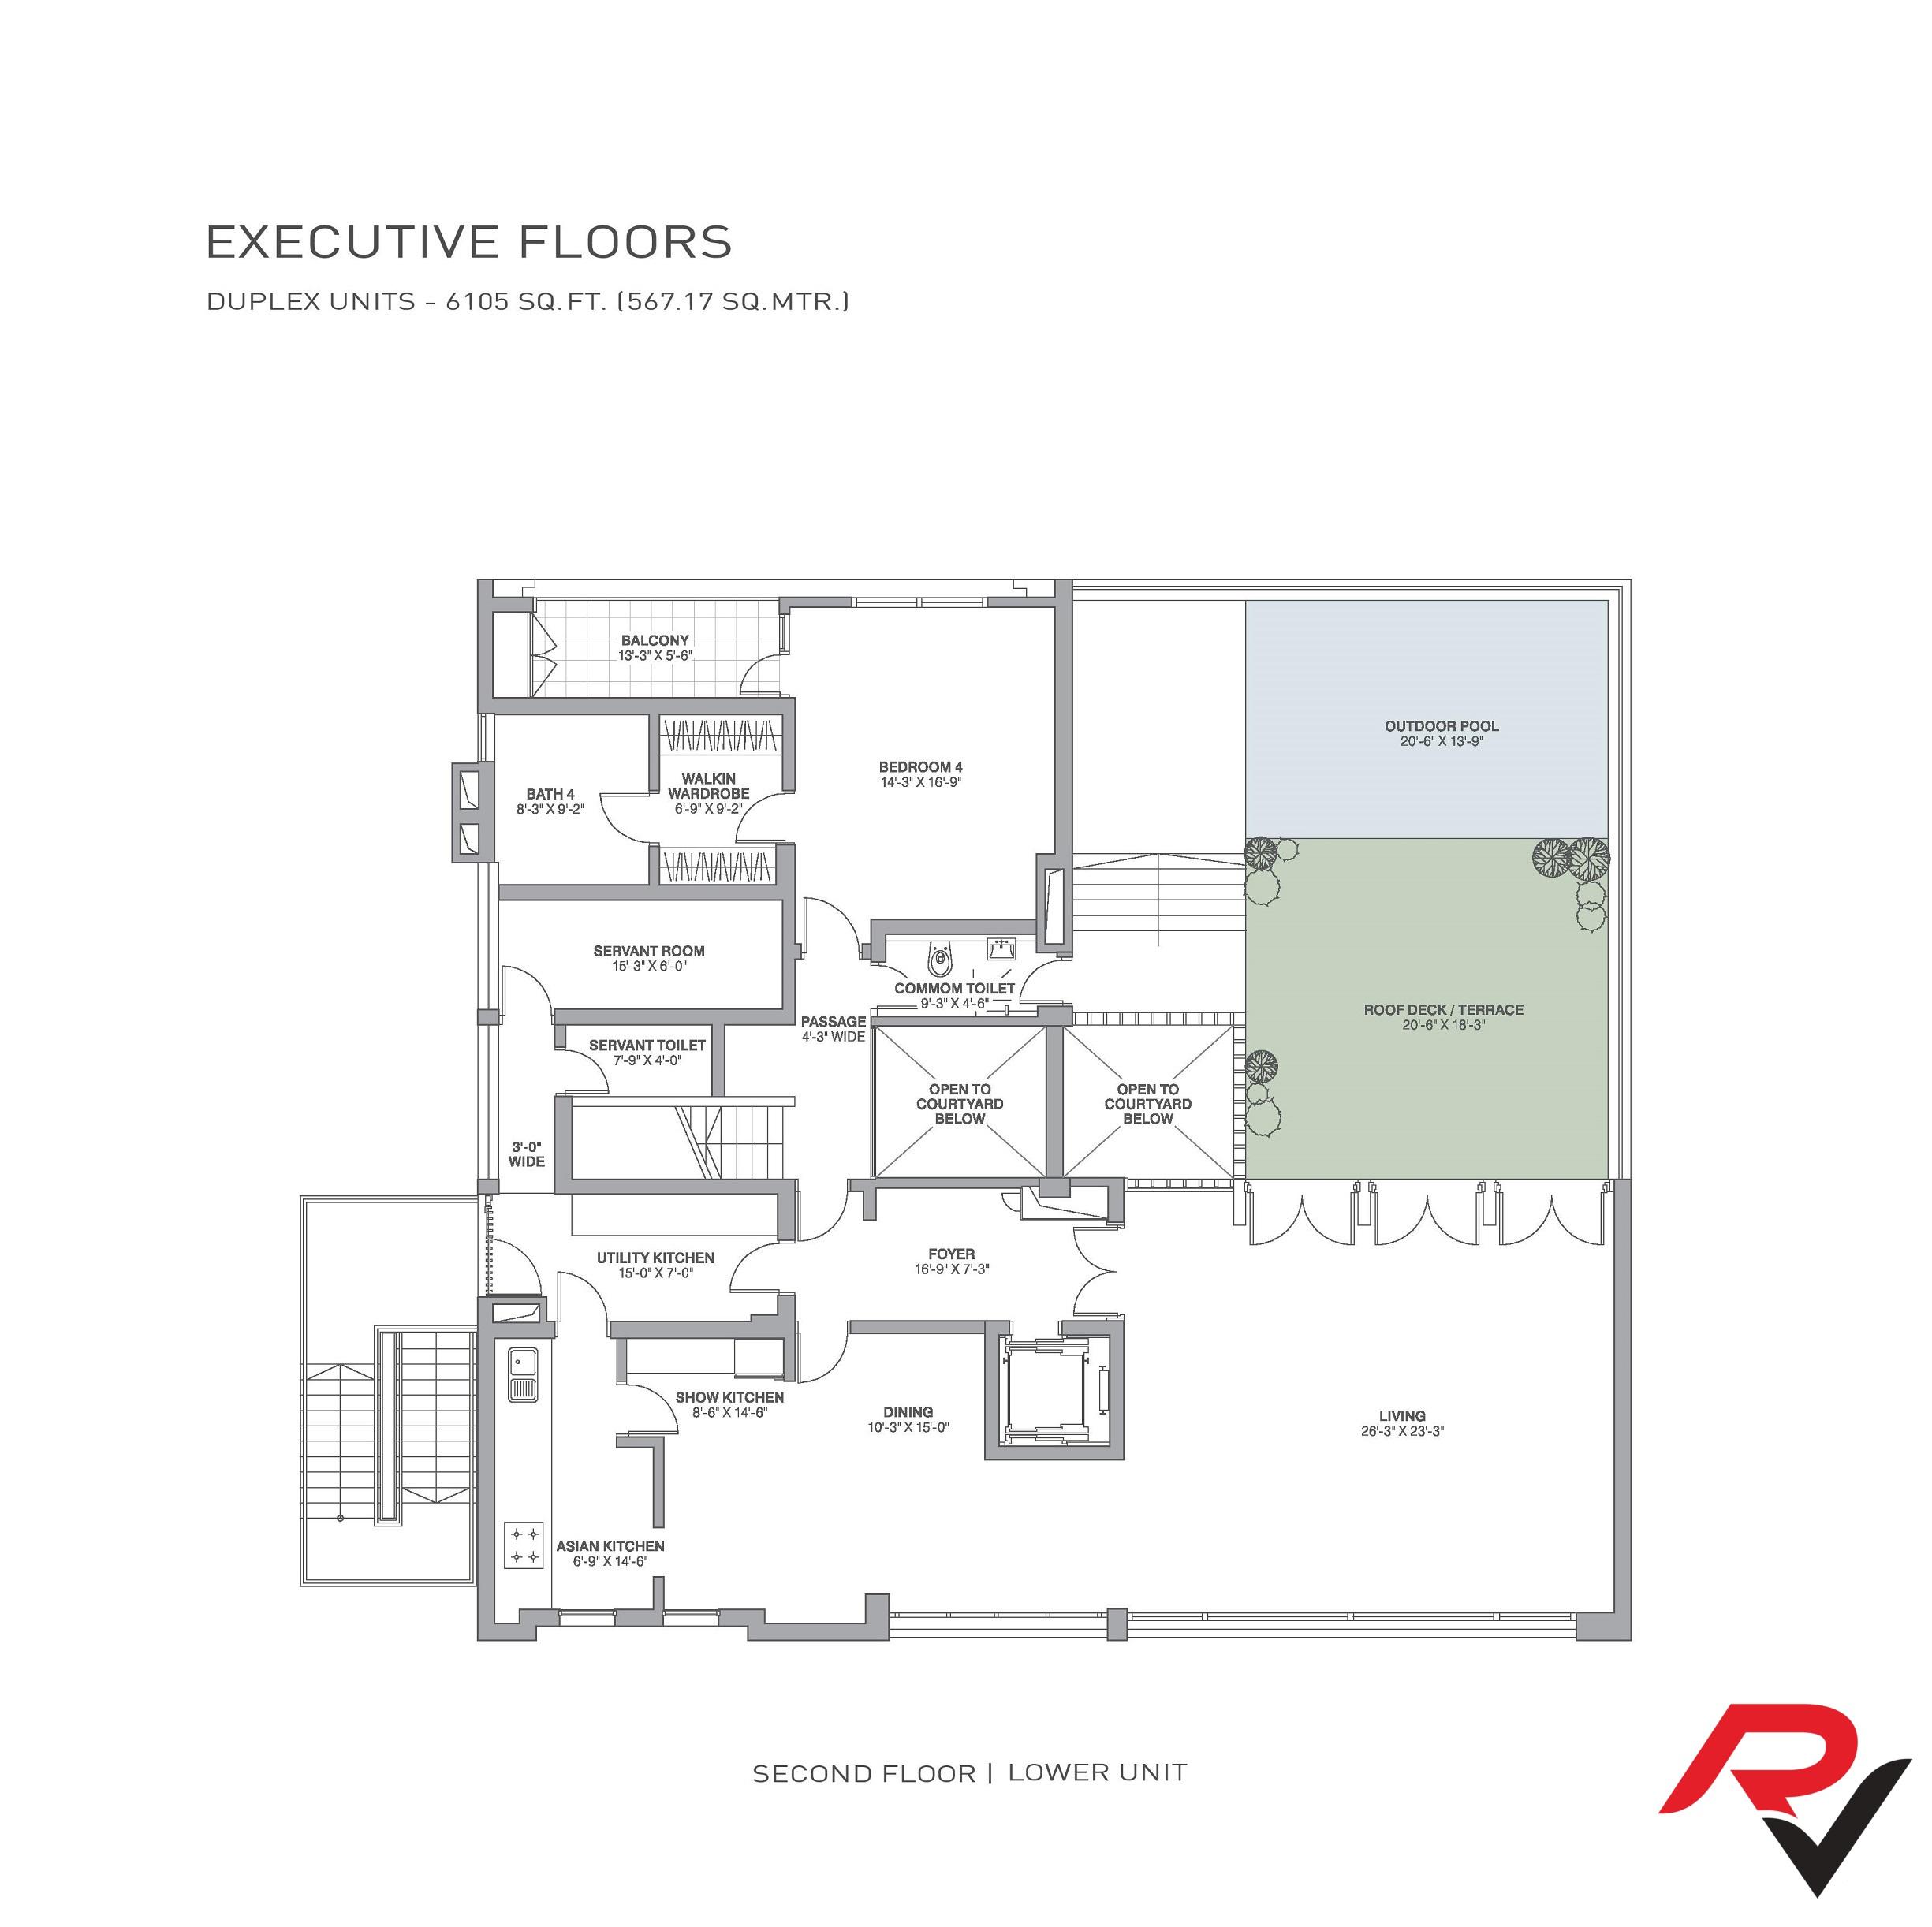 4Bhk + Servant Room + Roof Deck/Terrace + Pool